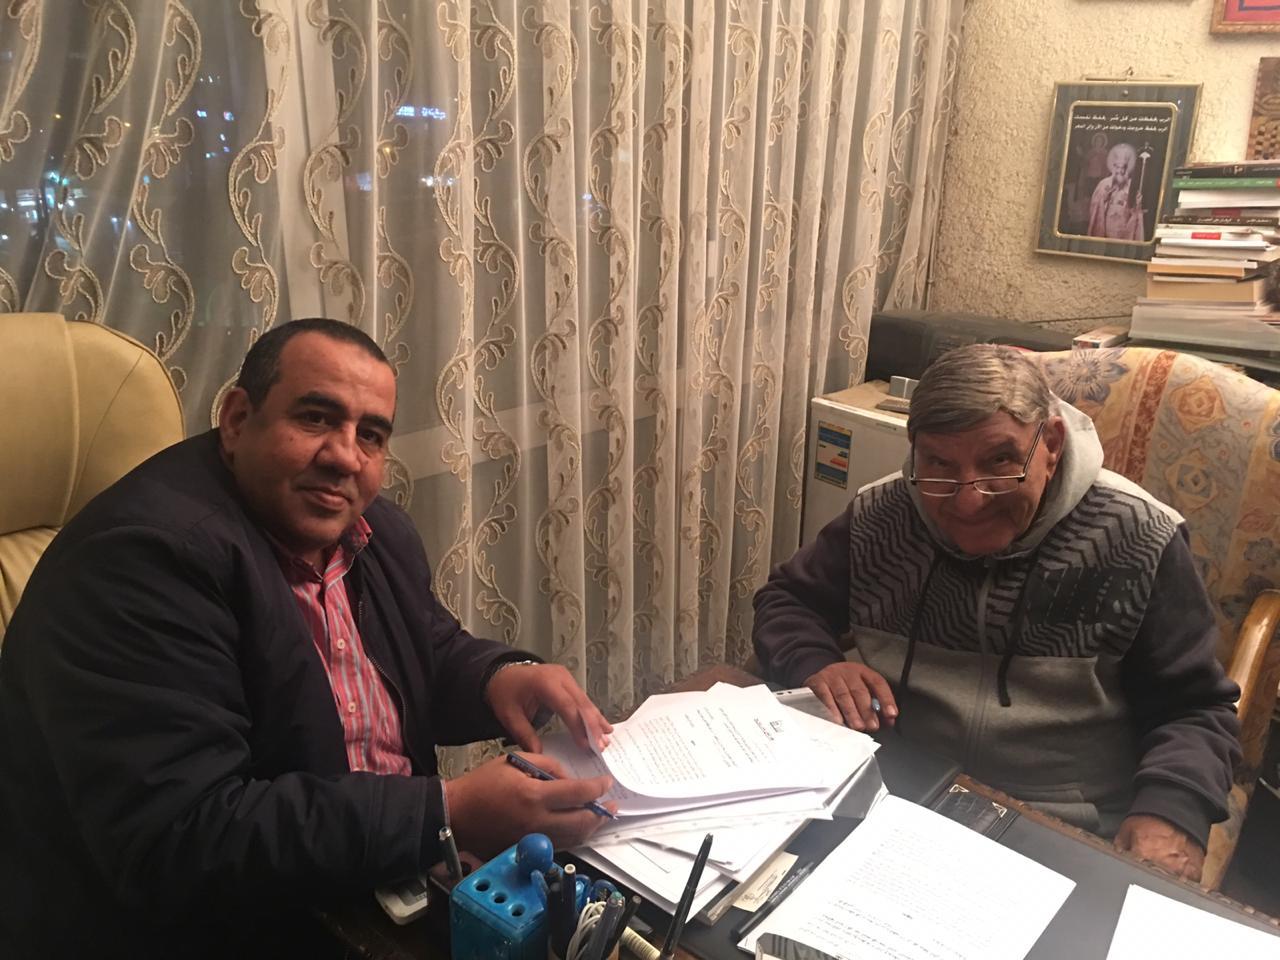 الإعلامى الكبير مفيد فوزى يوقع عقد كتابه قبل وبعد الصدمة العاطفية مع محمد عبد المنعم صاحب دار سما